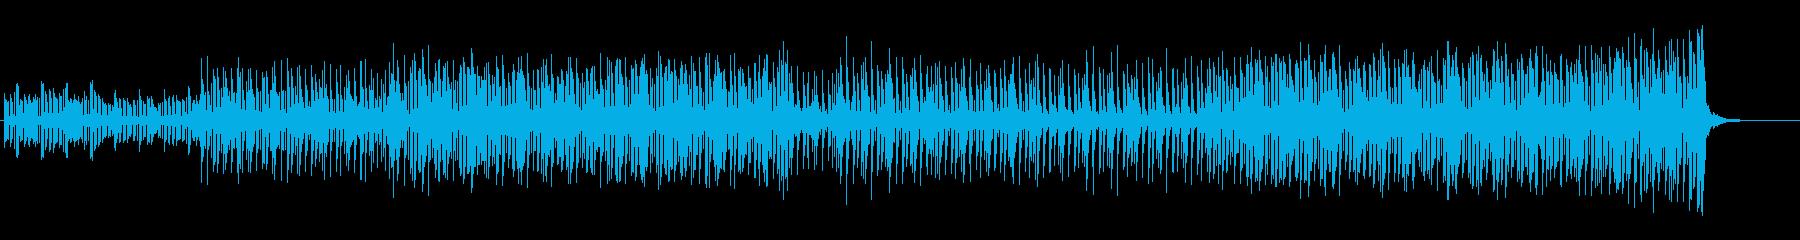 ベースリズムが印象的な疾走感のあるBGMの再生済みの波形